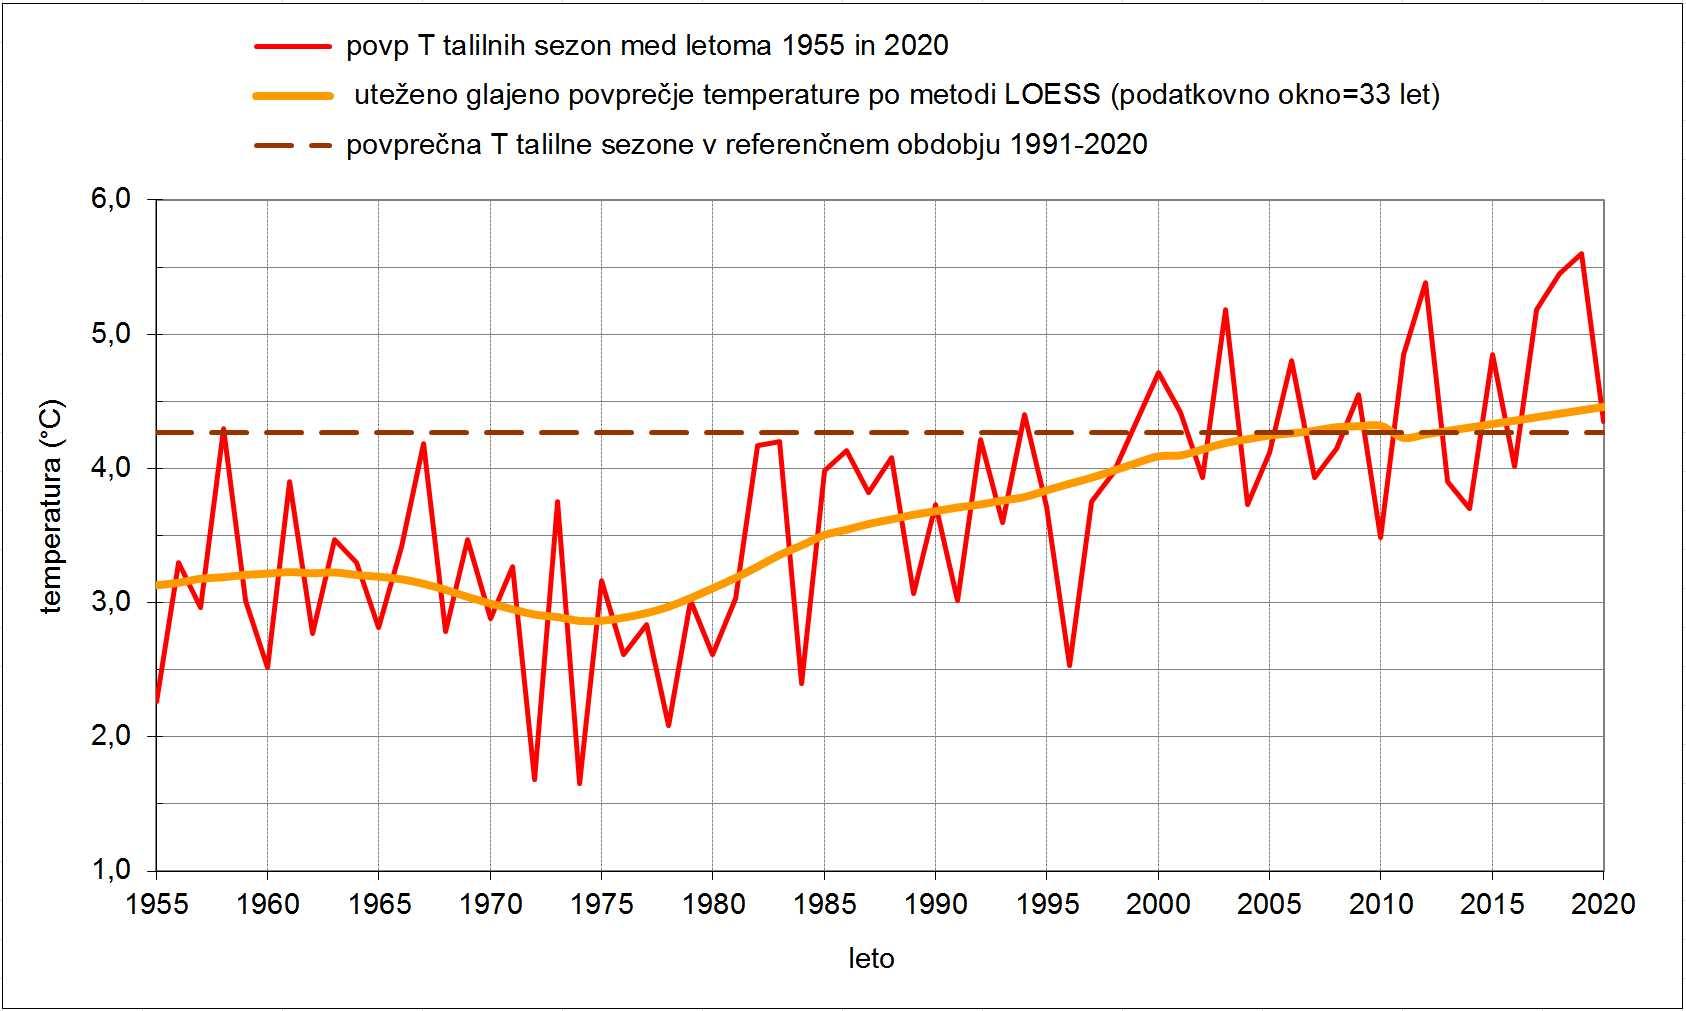 Povprečna temperatura talilnih sezon